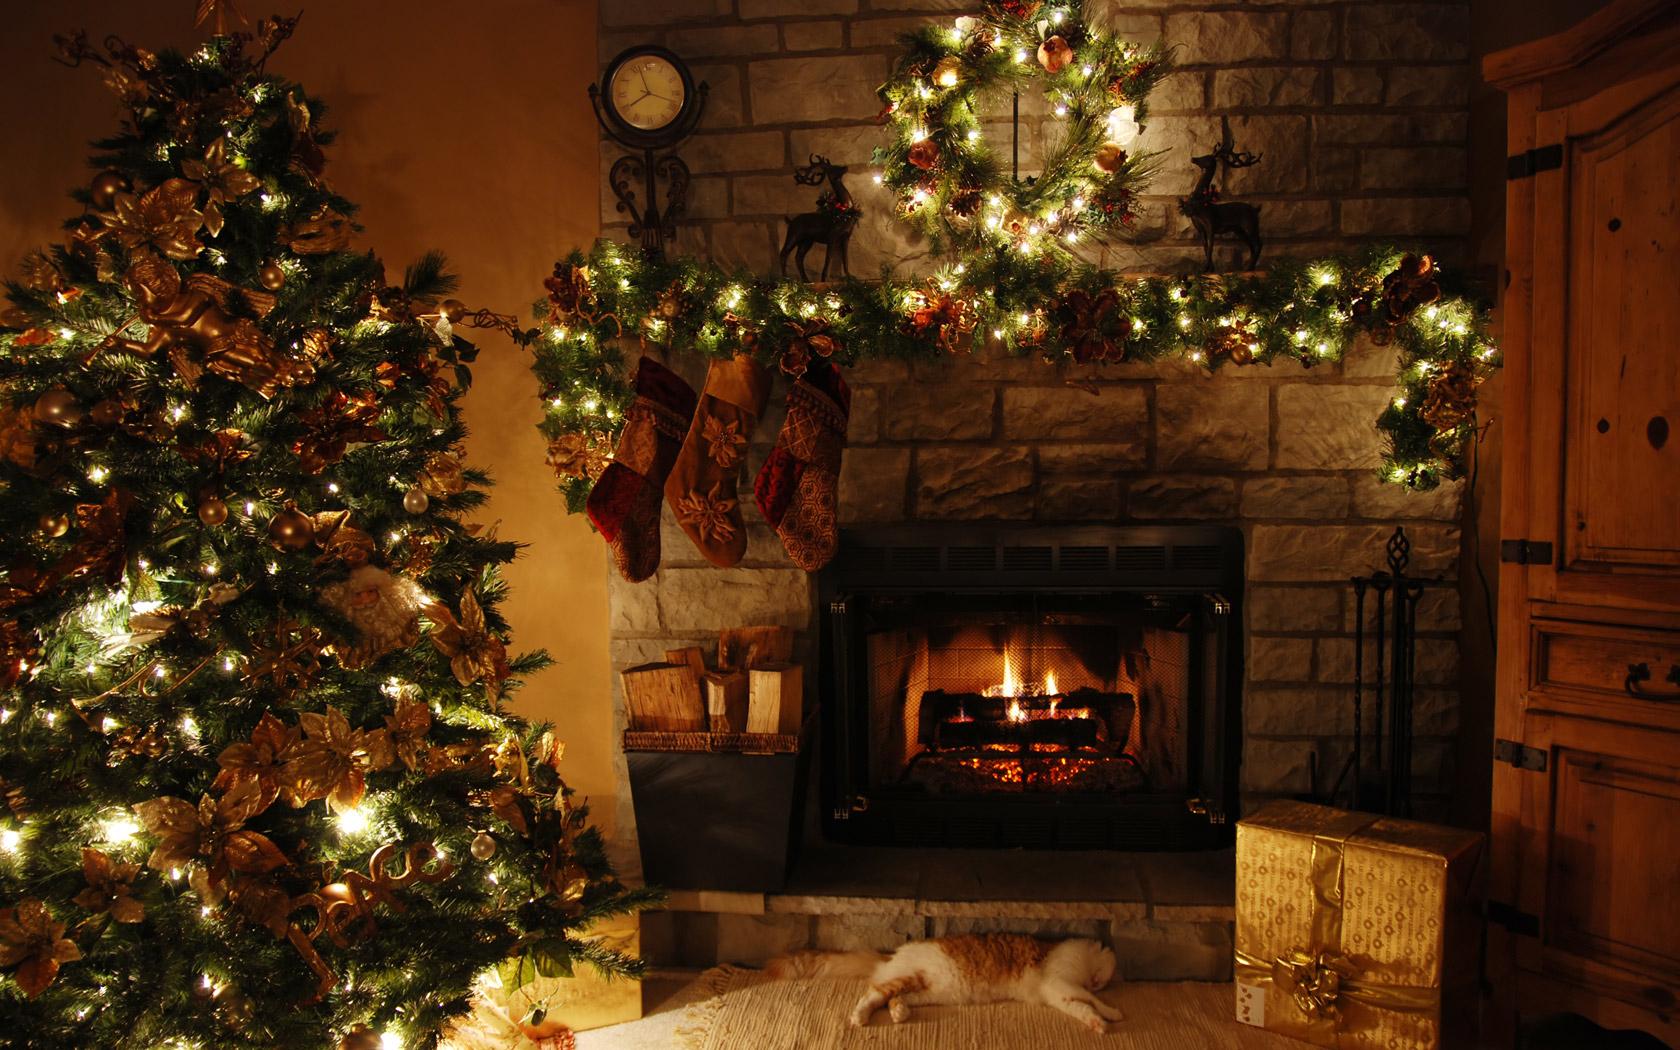 14046 скачать обои Новый Год (New Year), Рождество (Christmas, Xmas), Праздники, Деревья, Интерьер, Елки - заставки и картинки бесплатно